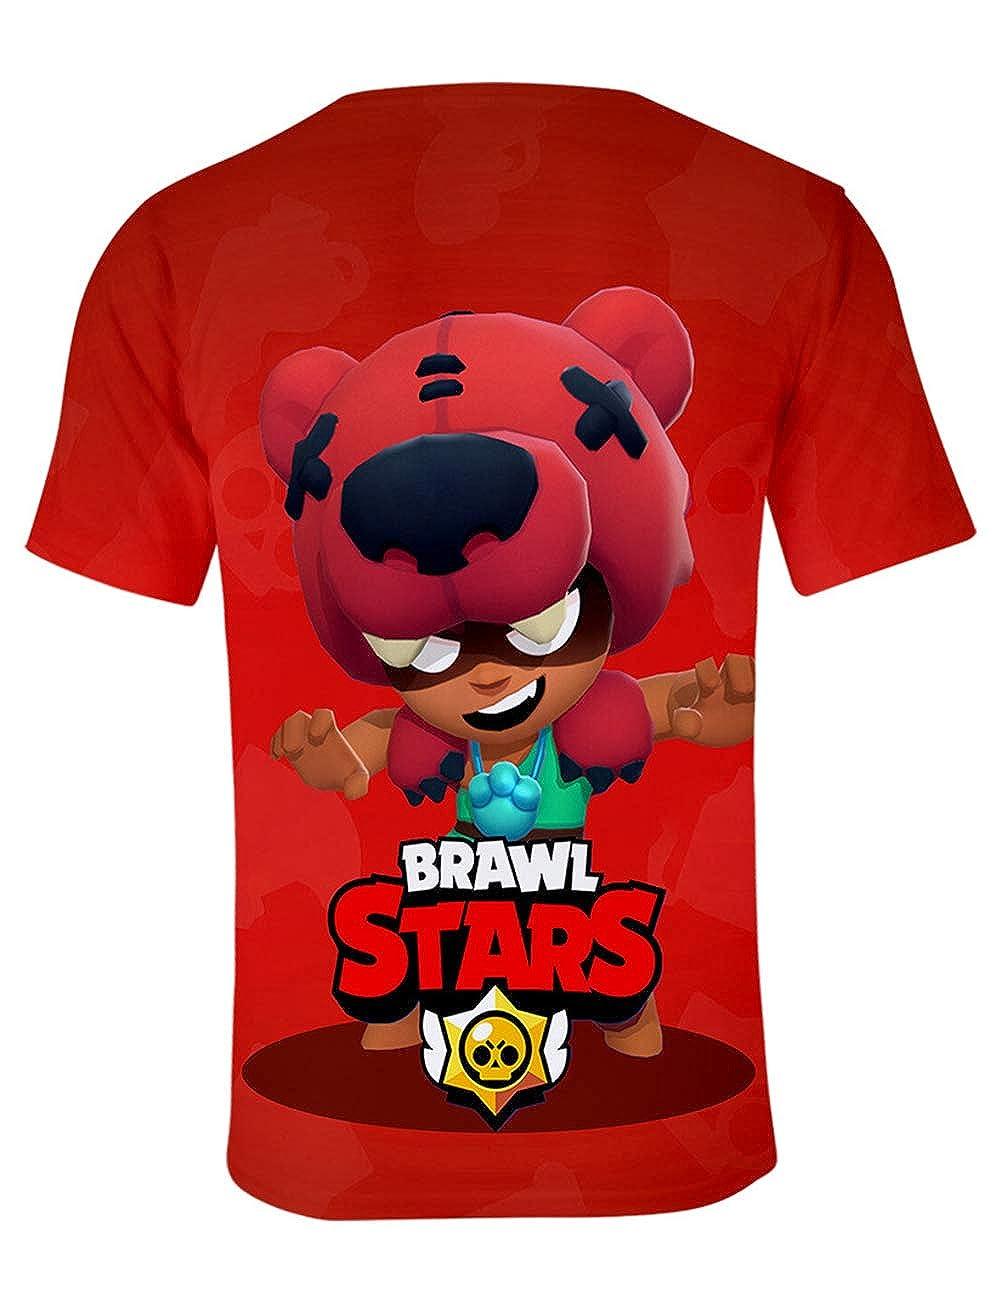 Elegante Uomo Maglietta Brawl Stars Maniche Corte Maglia con Stampa 3D Estate Tee T-Shirt Casuale Camicia Tops Camicetta Blusa Maglietta da Ragazzo Bambini